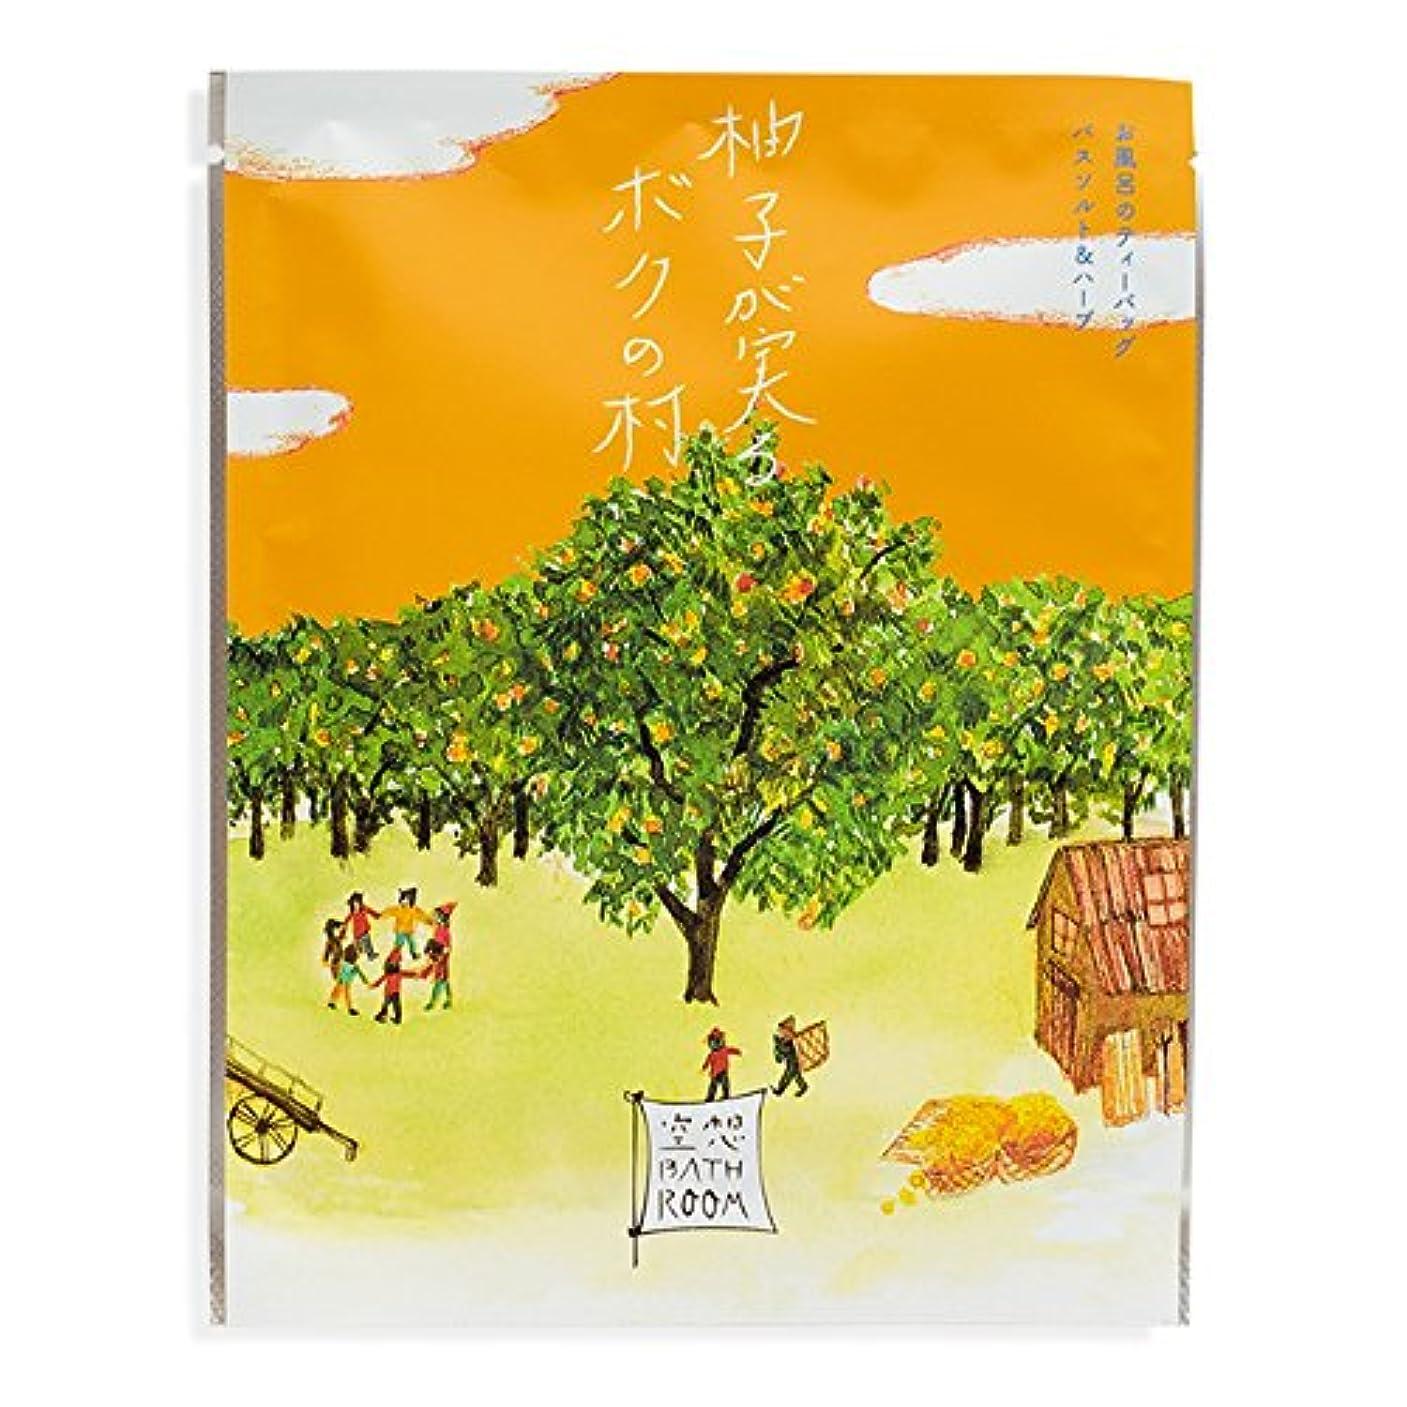 タバコ乱気流平日チャーリー 空想バスルーム 柚子が実るボクの村 30g